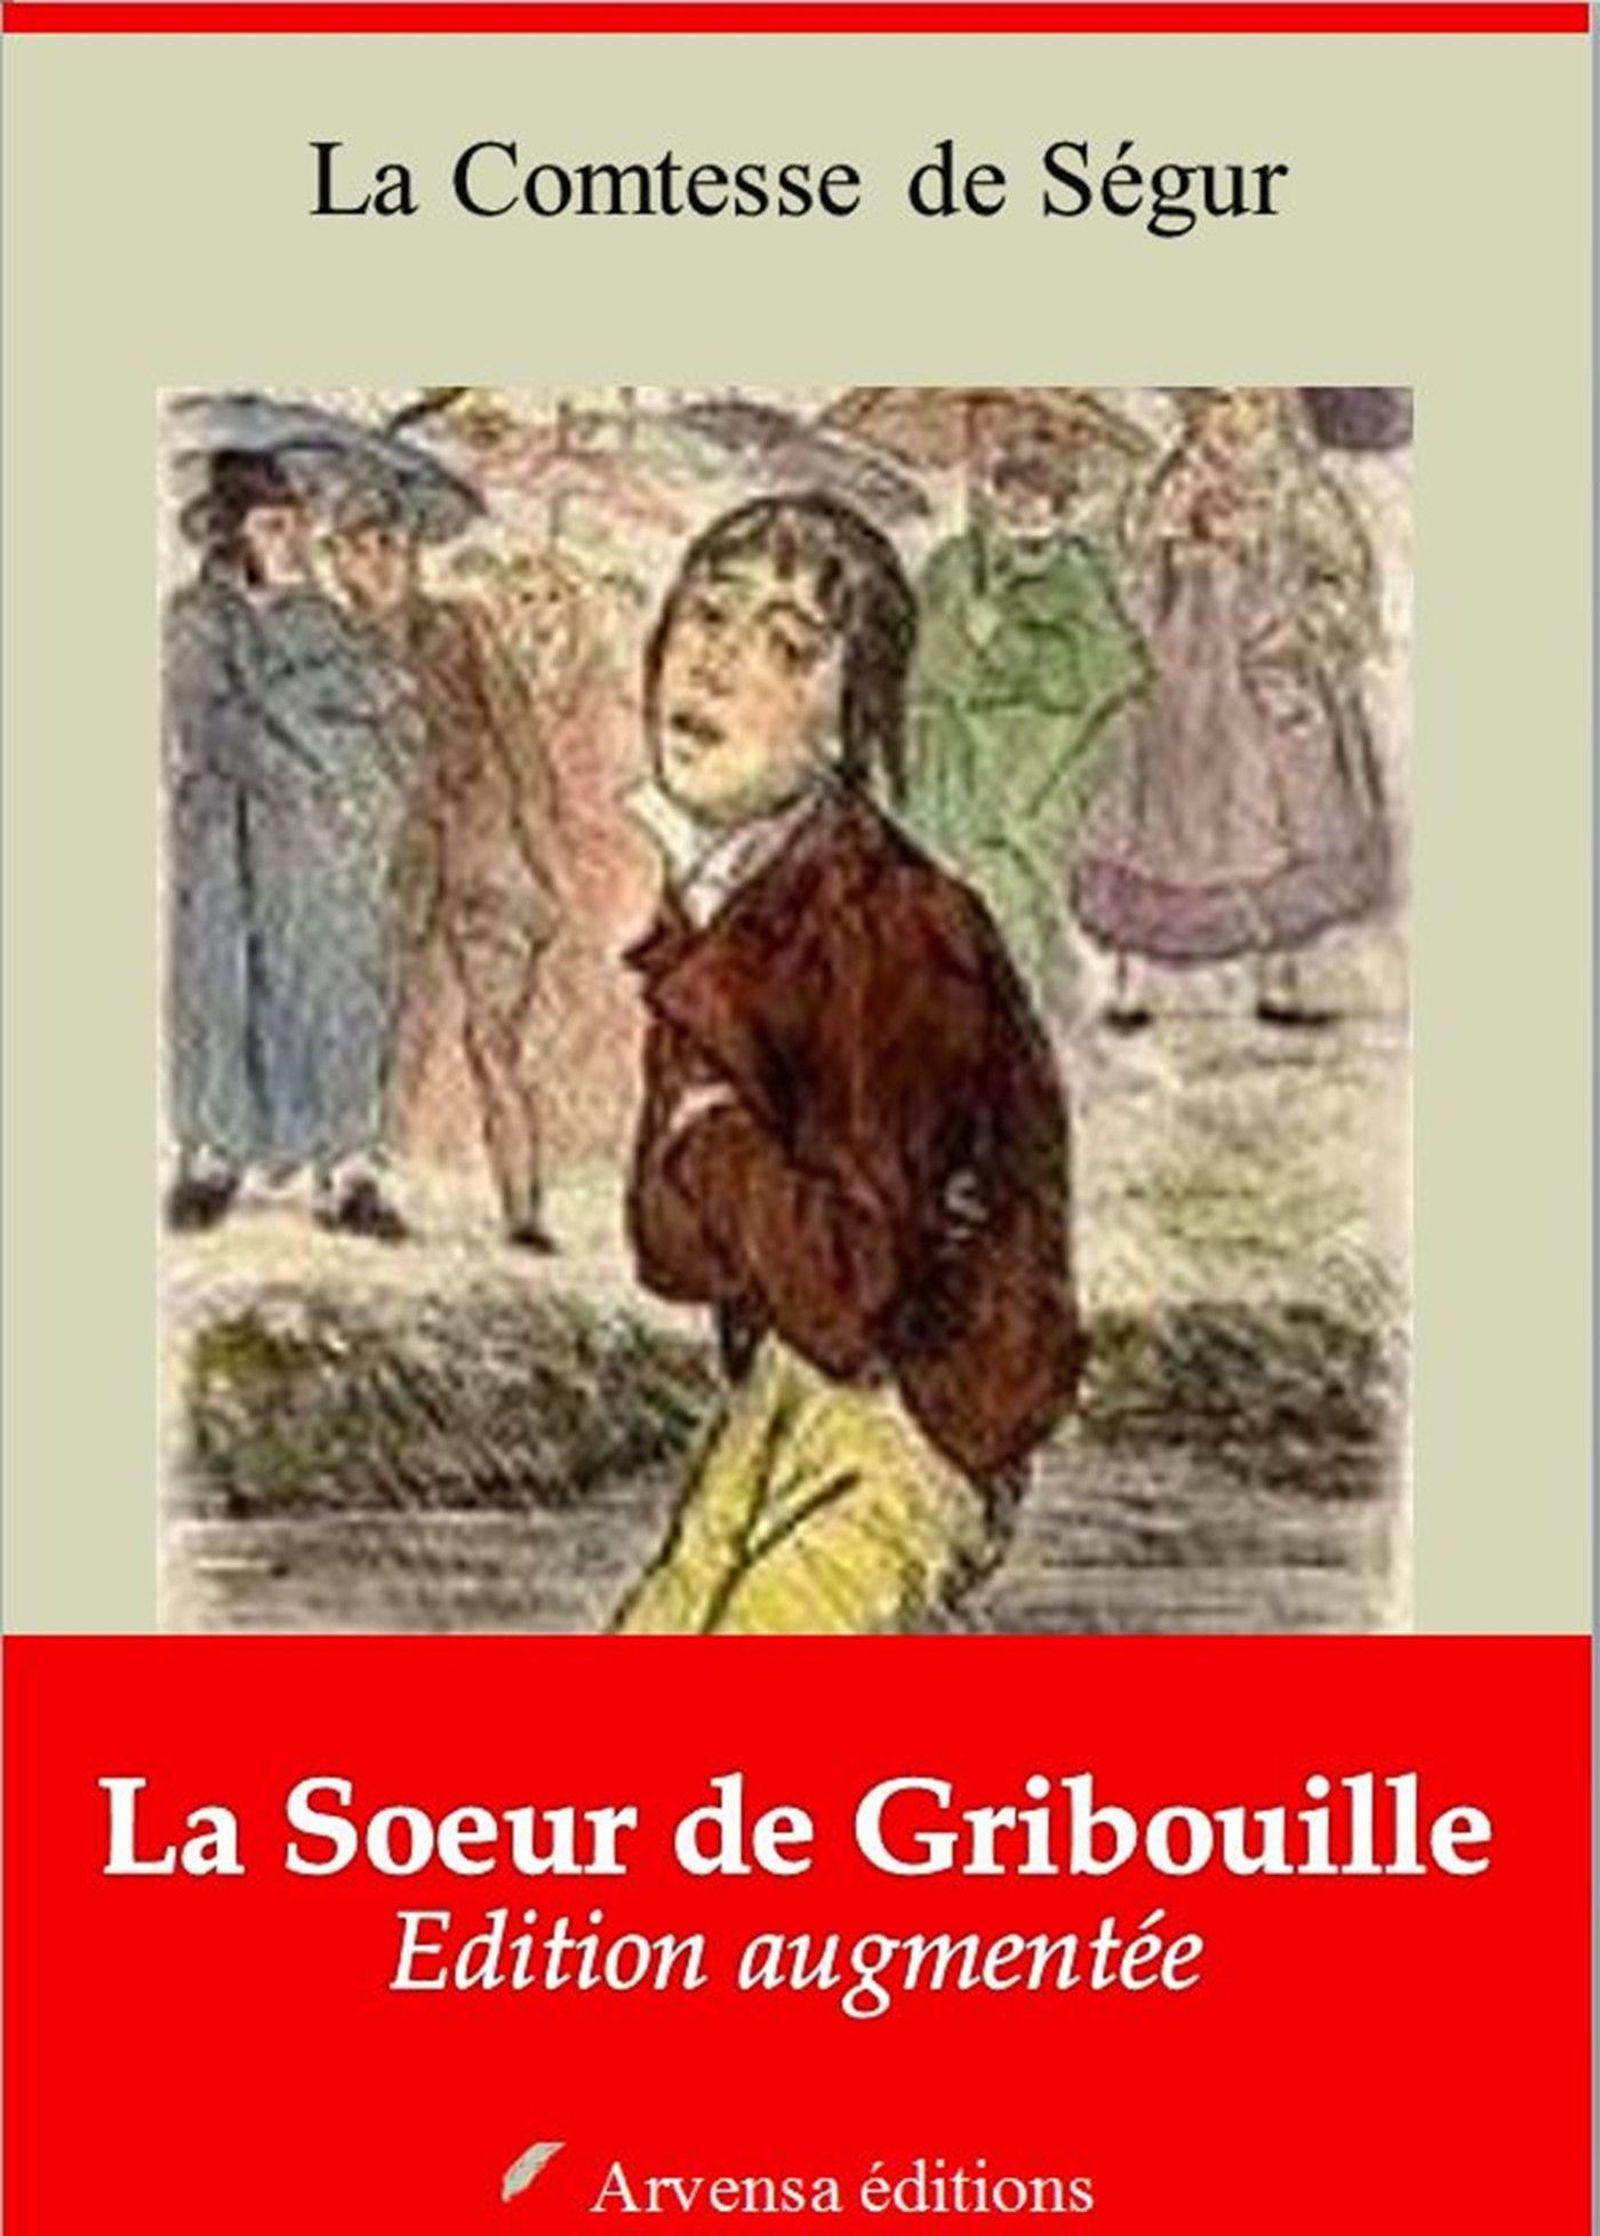 La Soeur de Gribouille - suivi d'annexes